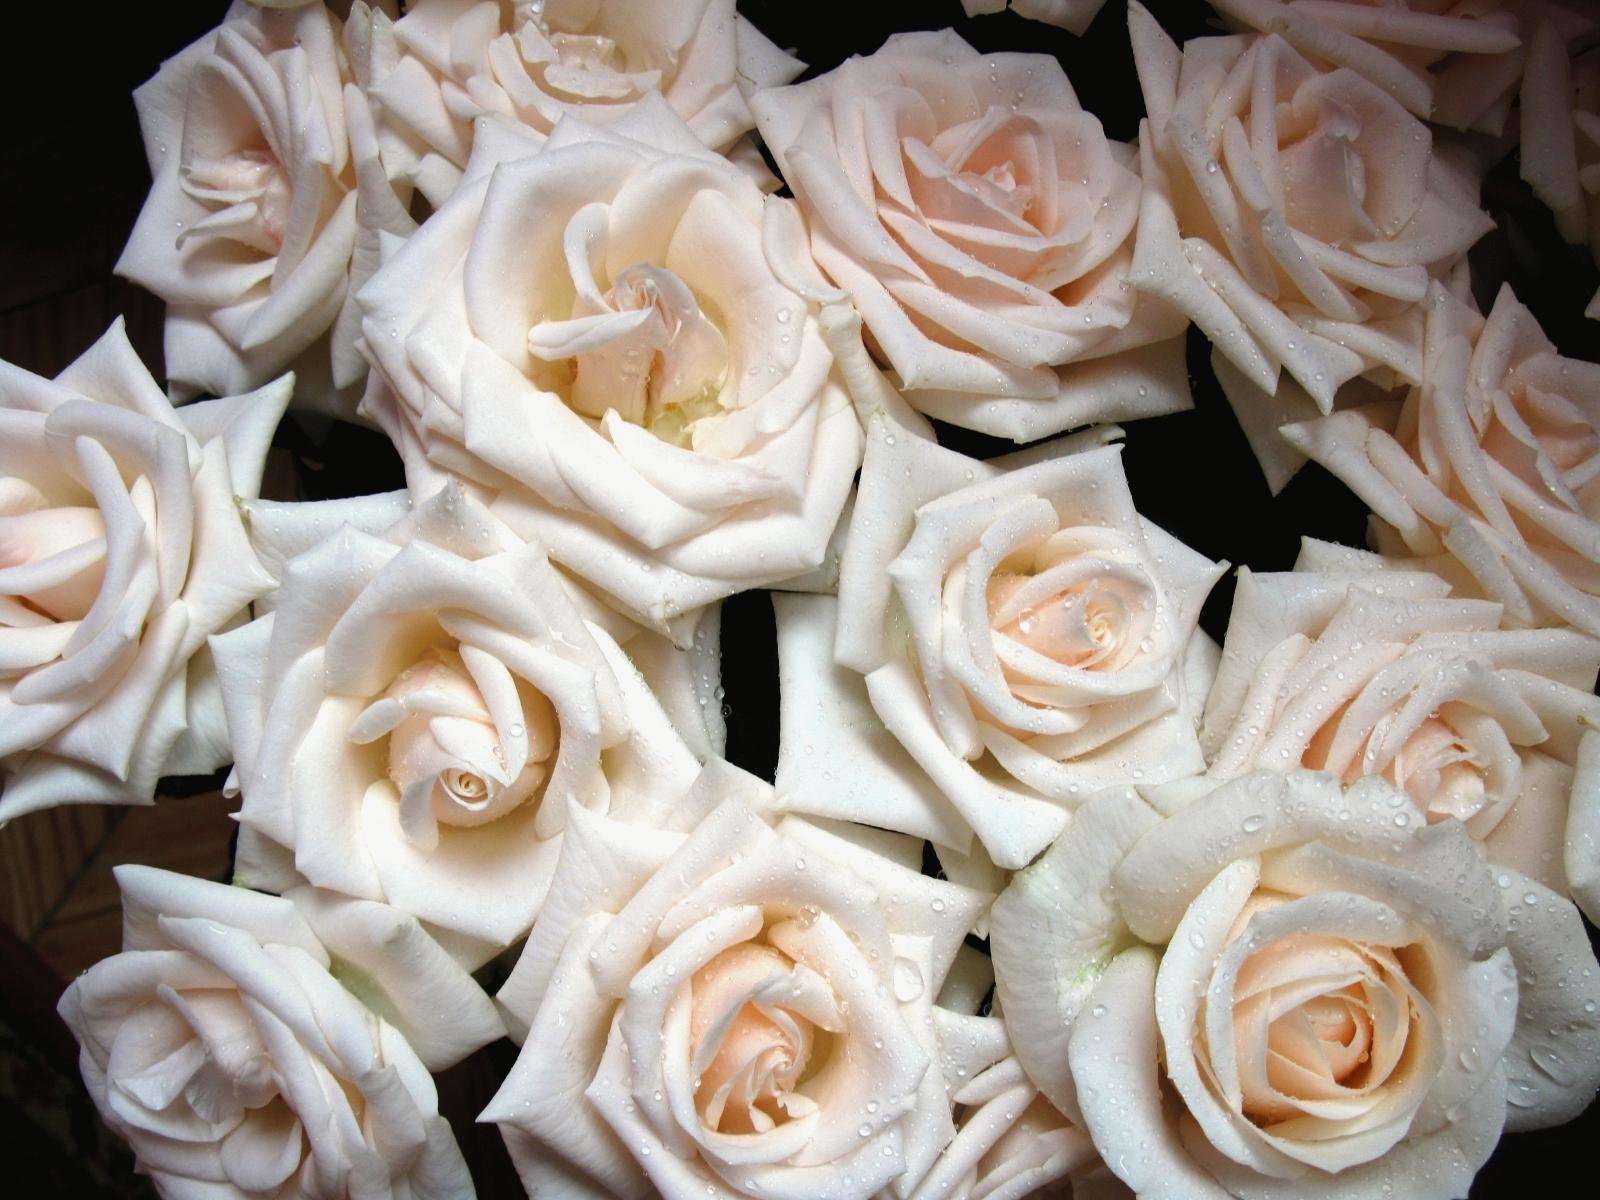 8374 скачать обои Растения, Цветы, Фон, Розы - заставки и картинки бесплатно